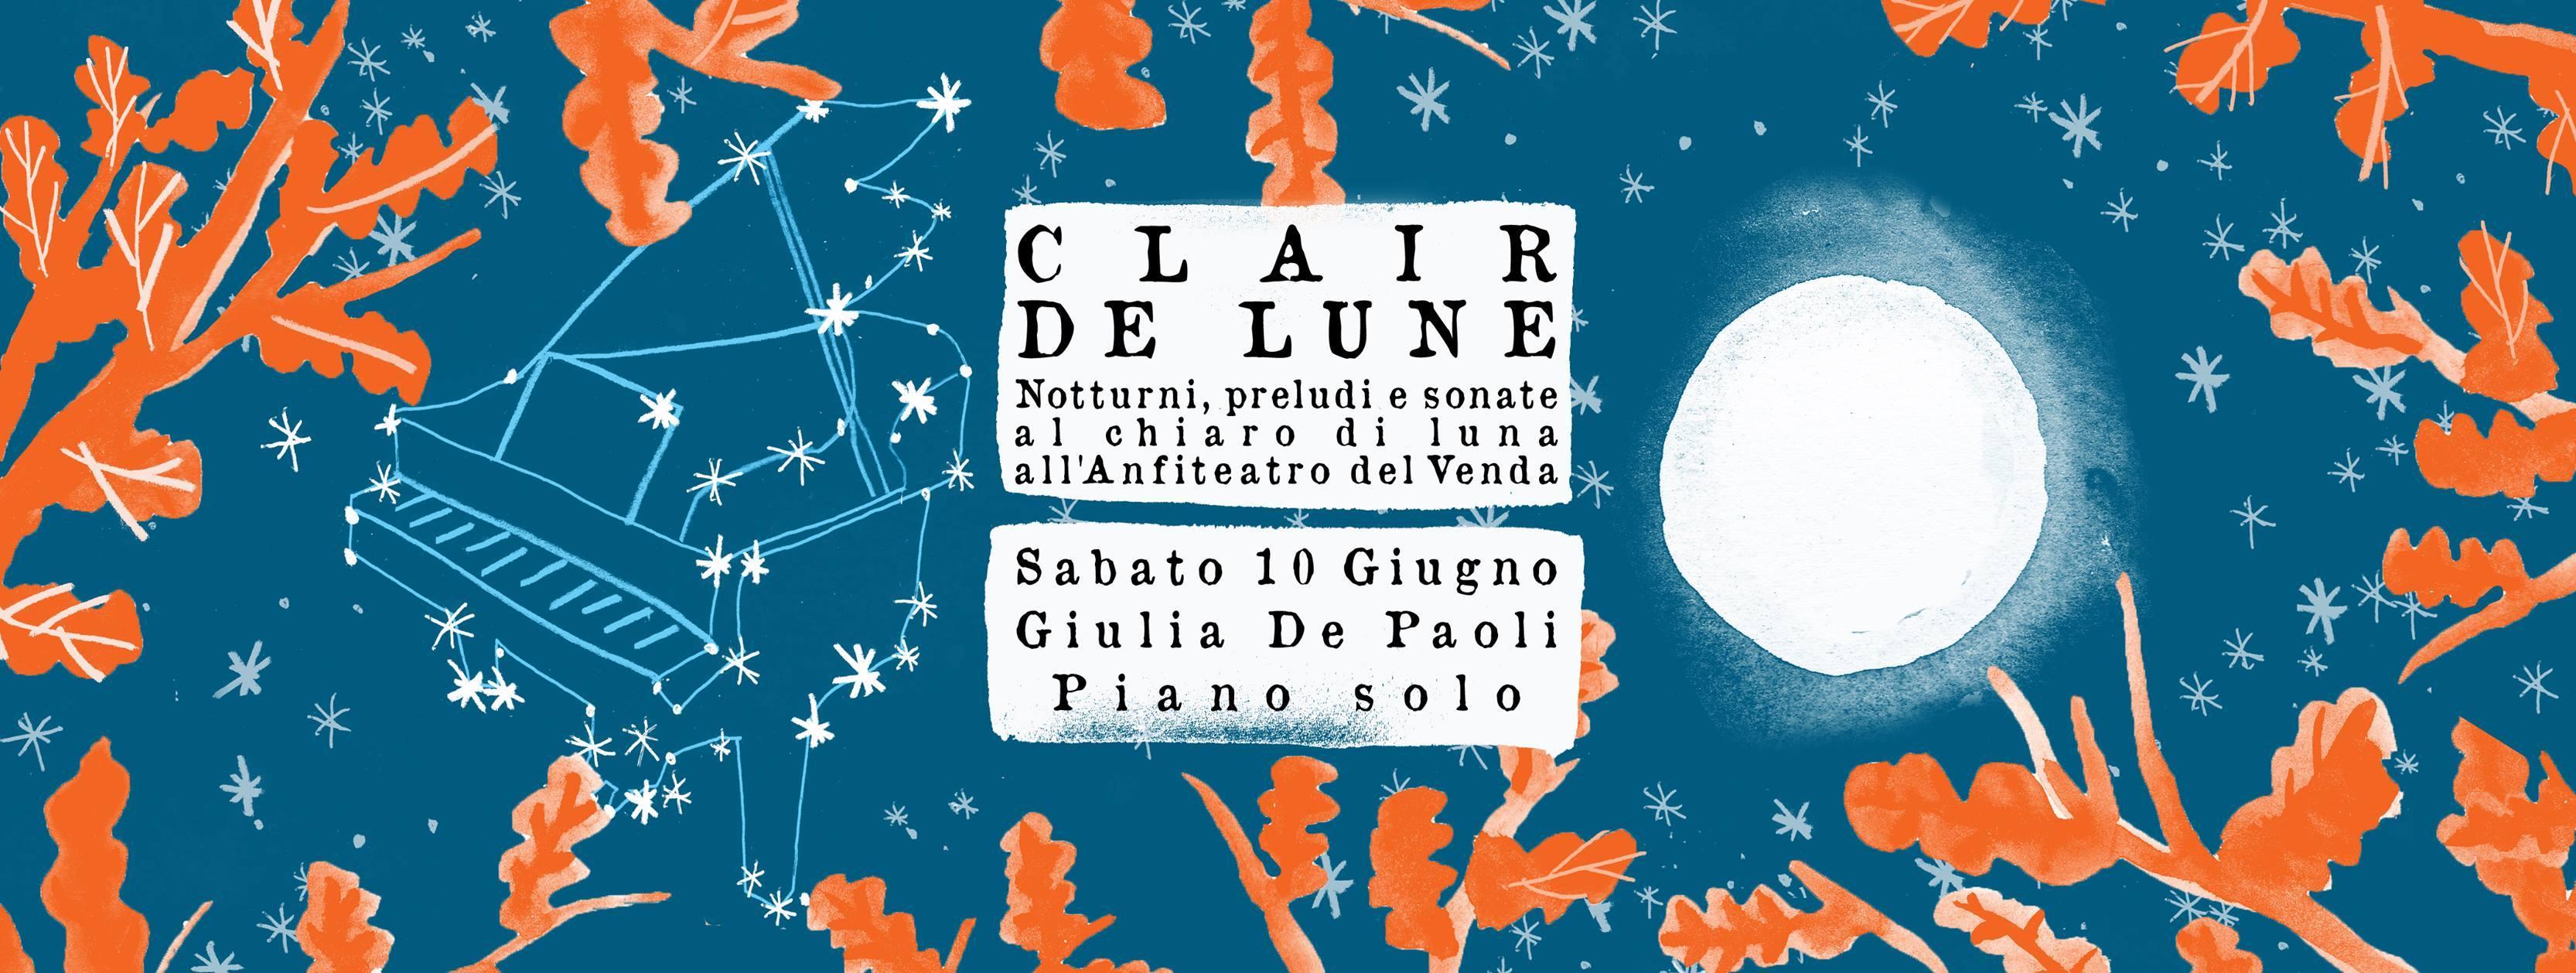 17359130 1294445810643470 4315048866444628002 o Clair de Lune: notturni, preludi e sonate al chiaro di luna Anfiteatro del Venda Galzignano Padova